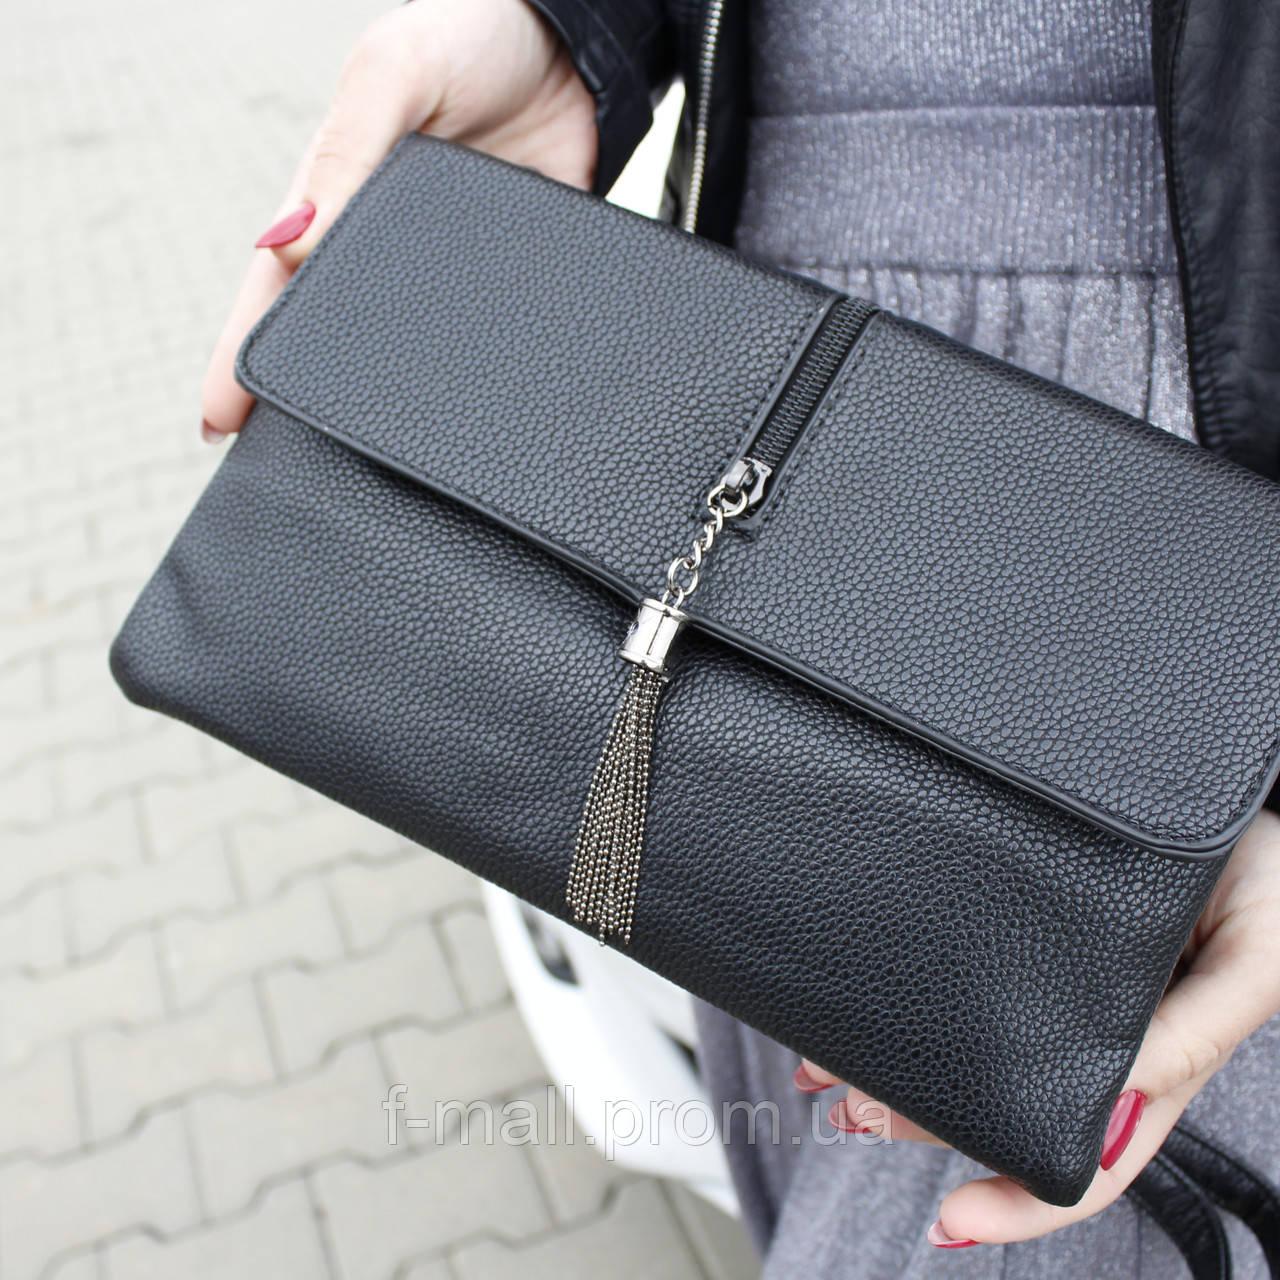 Женская сумка клатч черная (311)